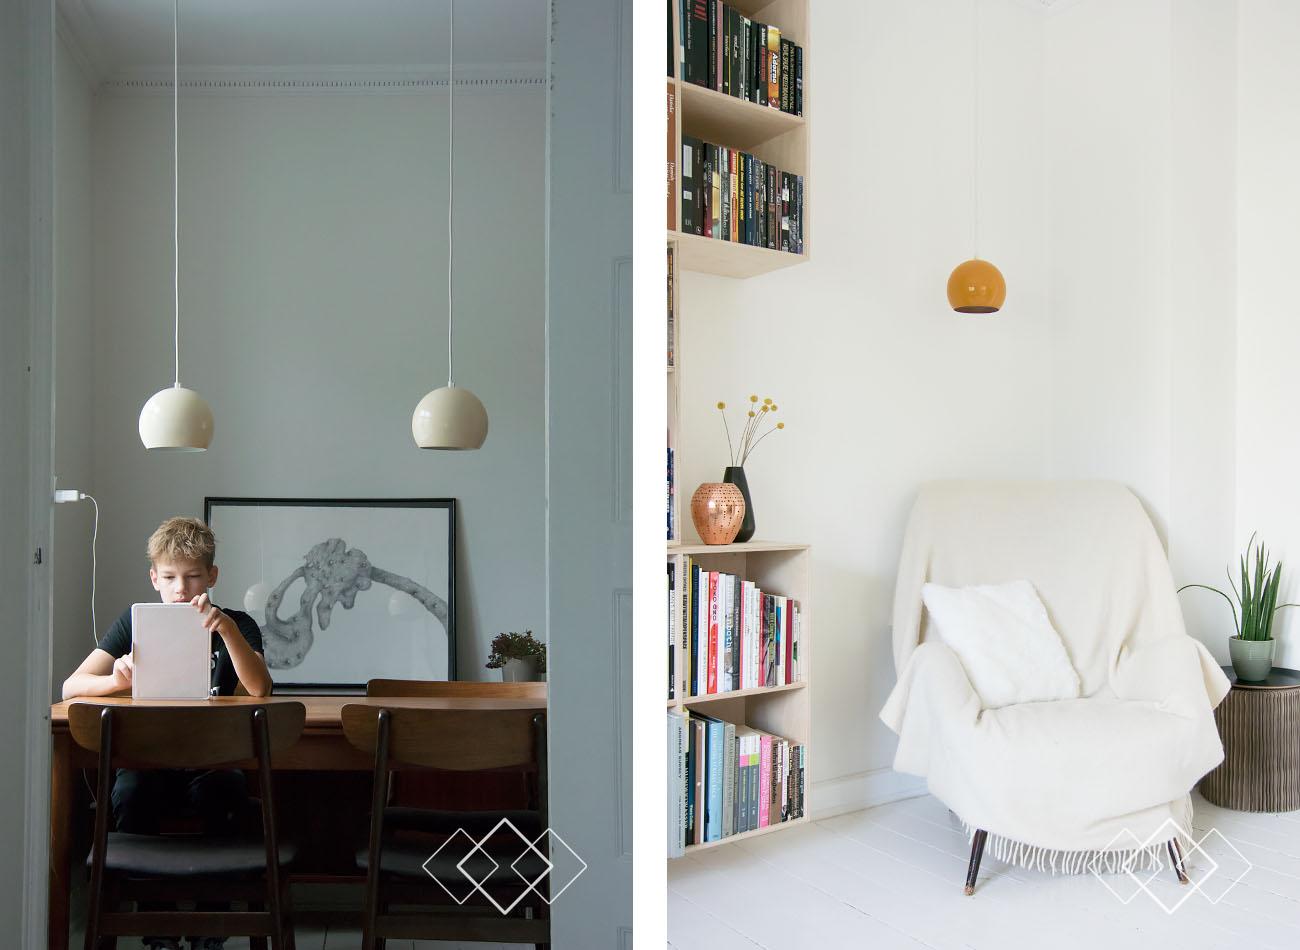 Kopenhagen Airbnb - staand 1